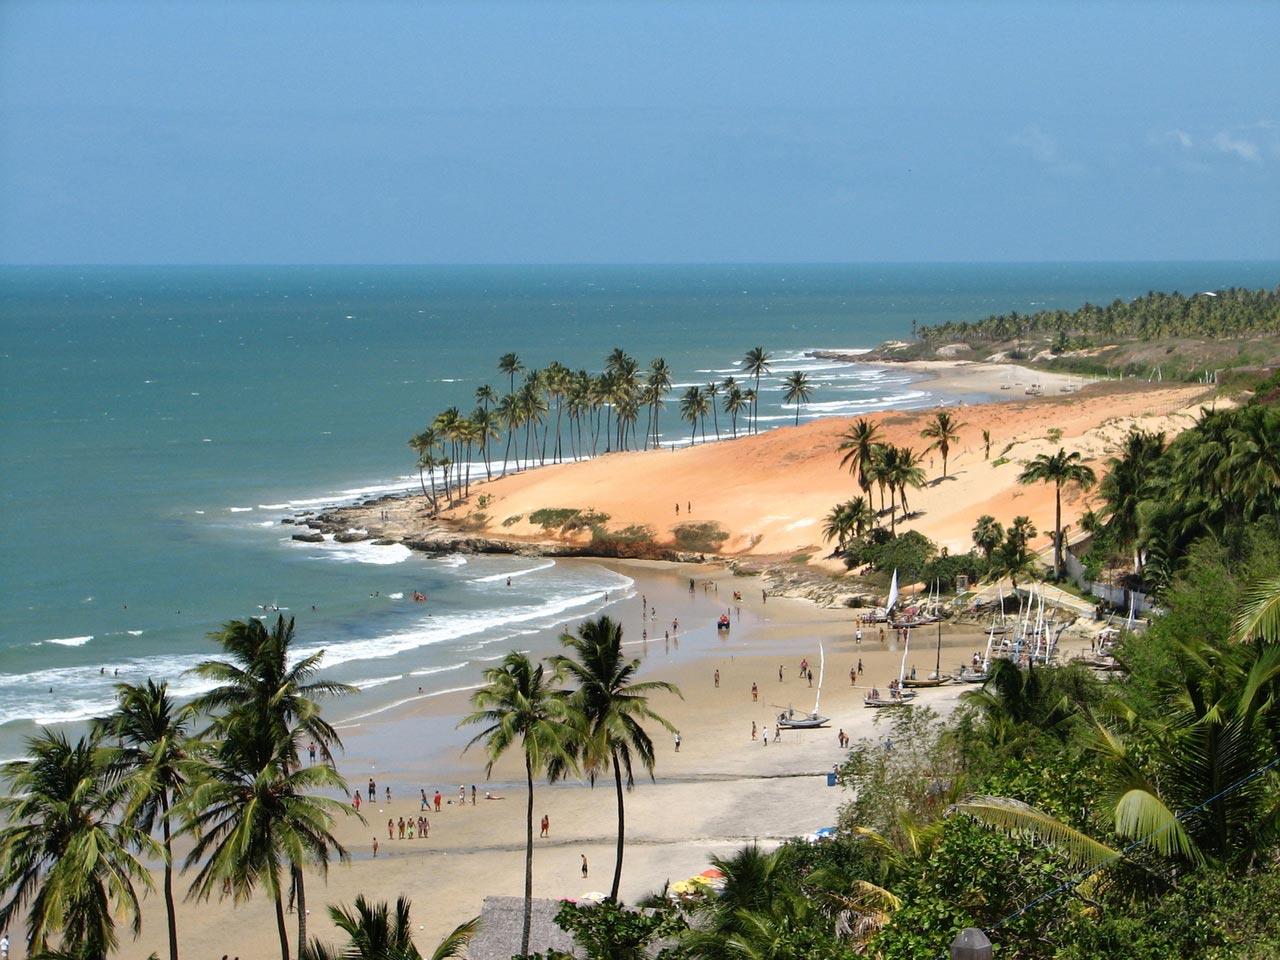 Viajar em janeiro para Fortaleza